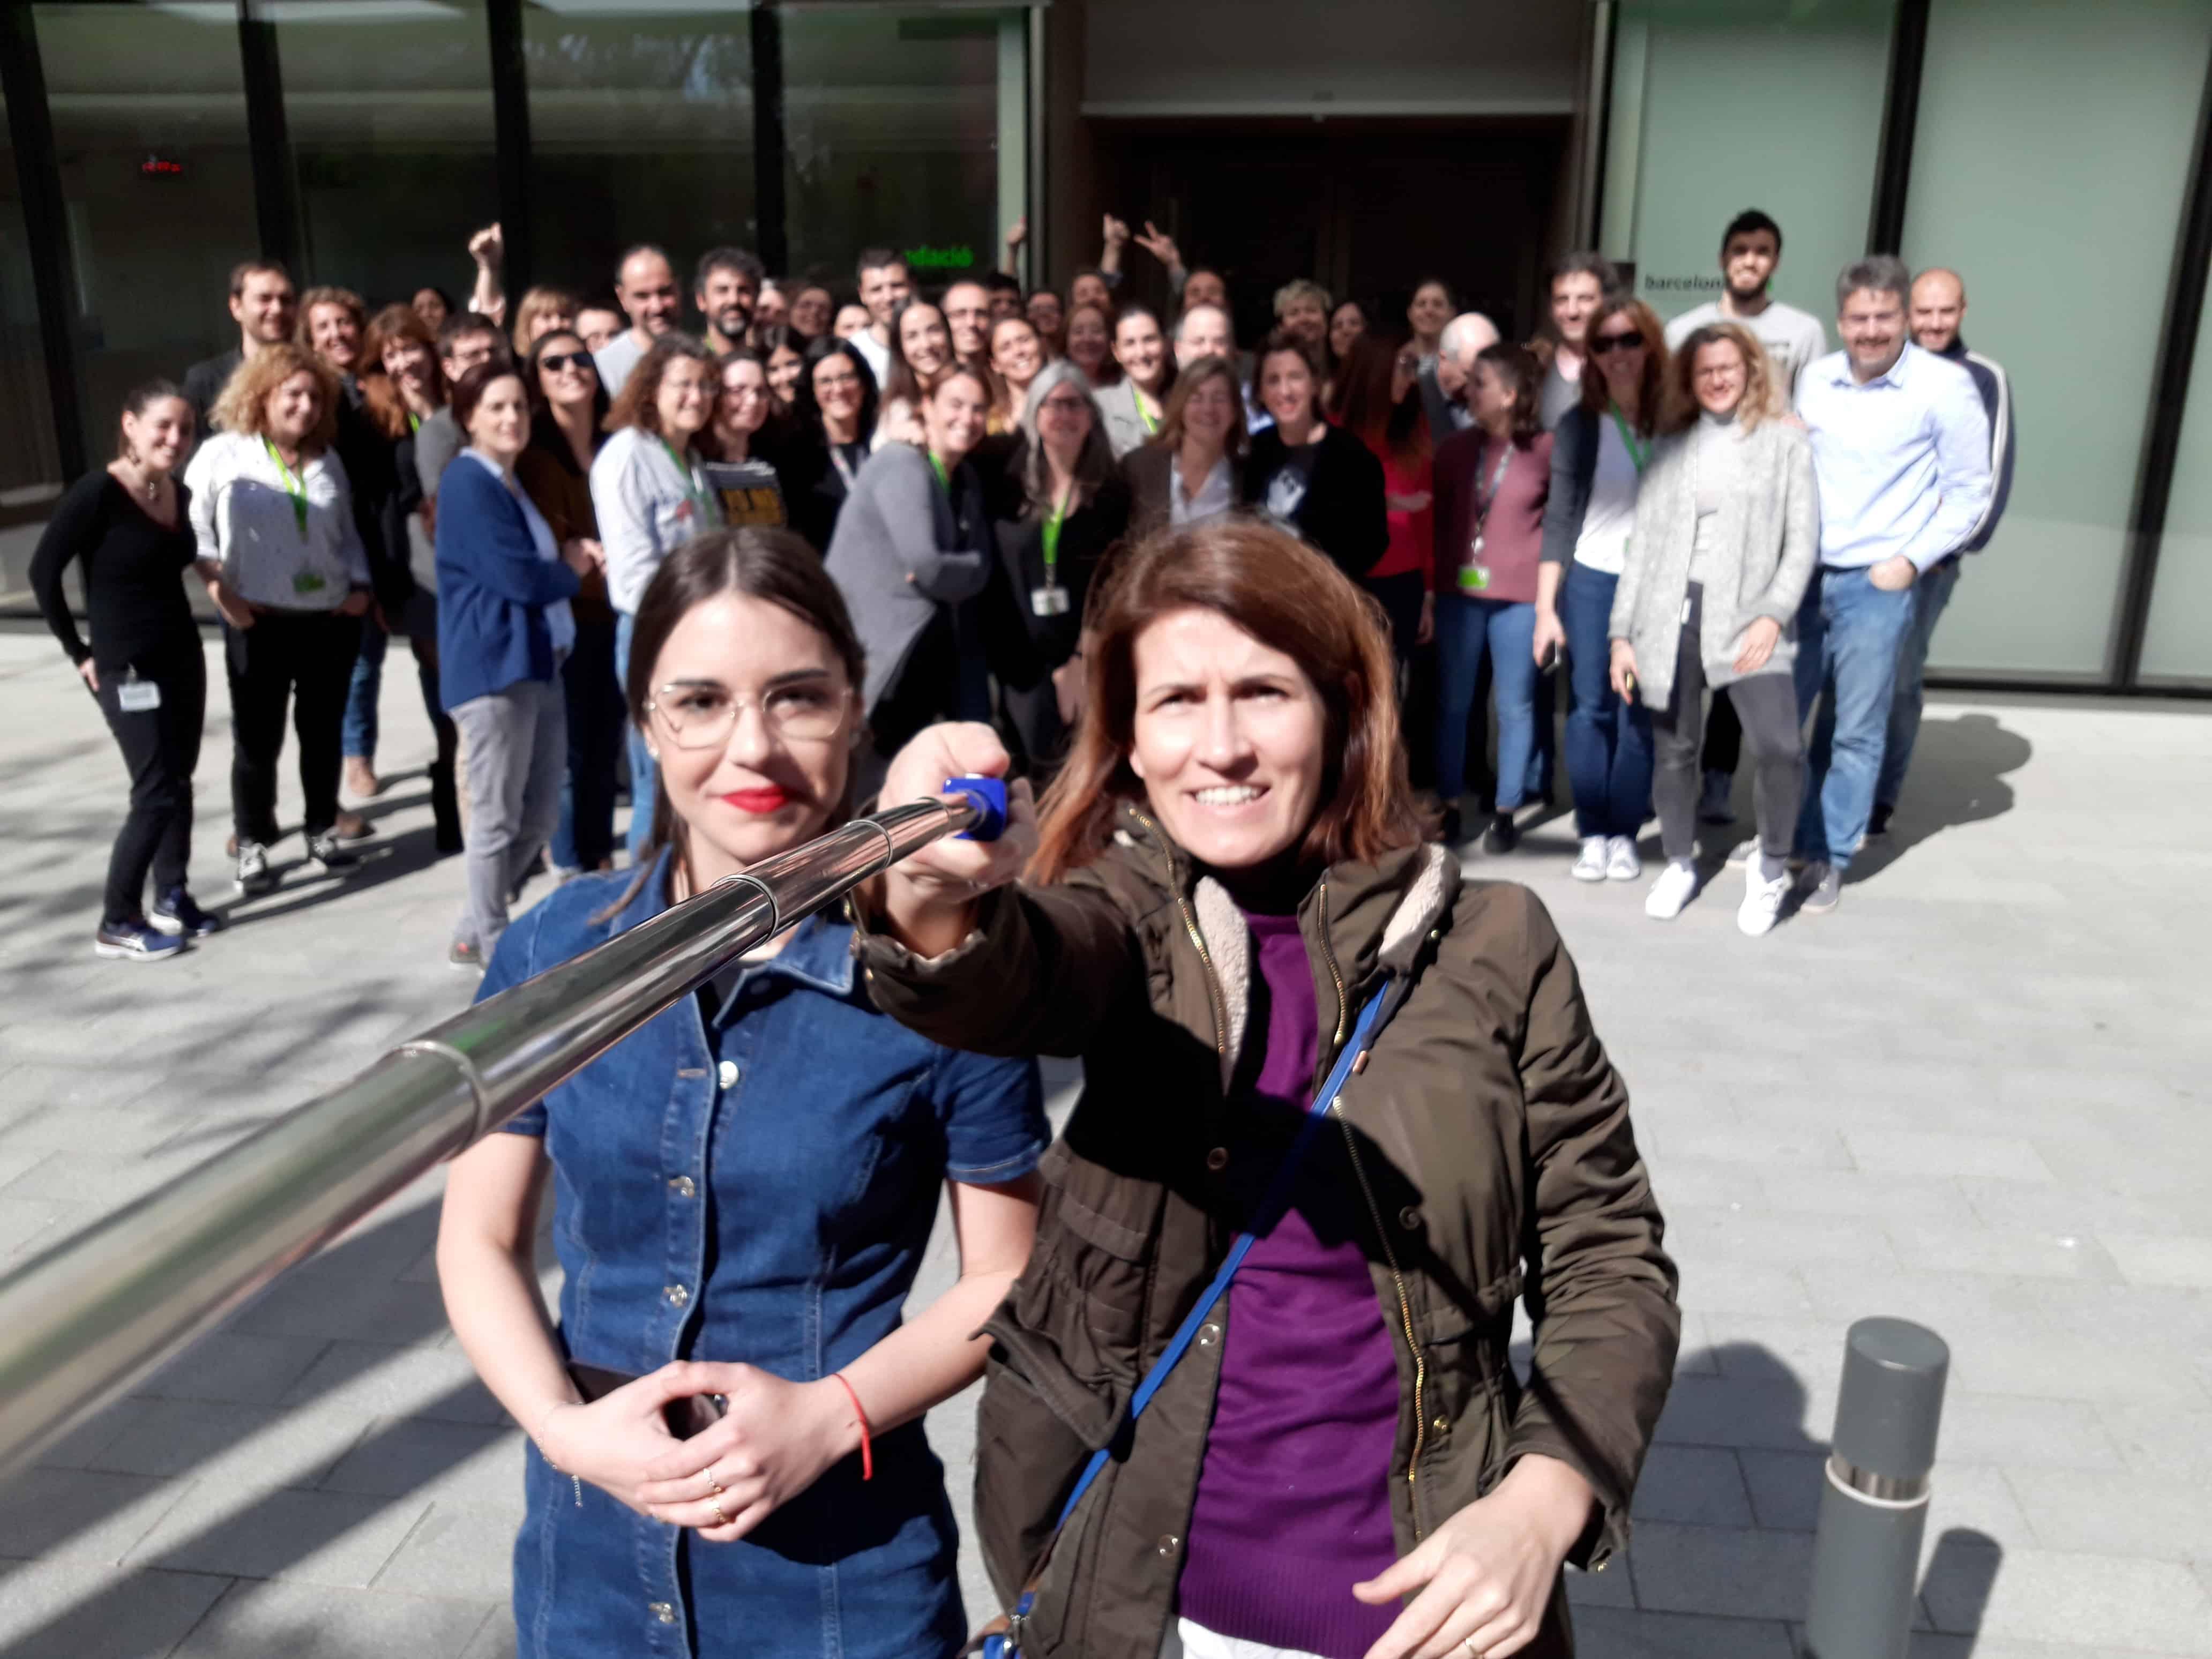 Dones a la Fundació Pasqual Maragall